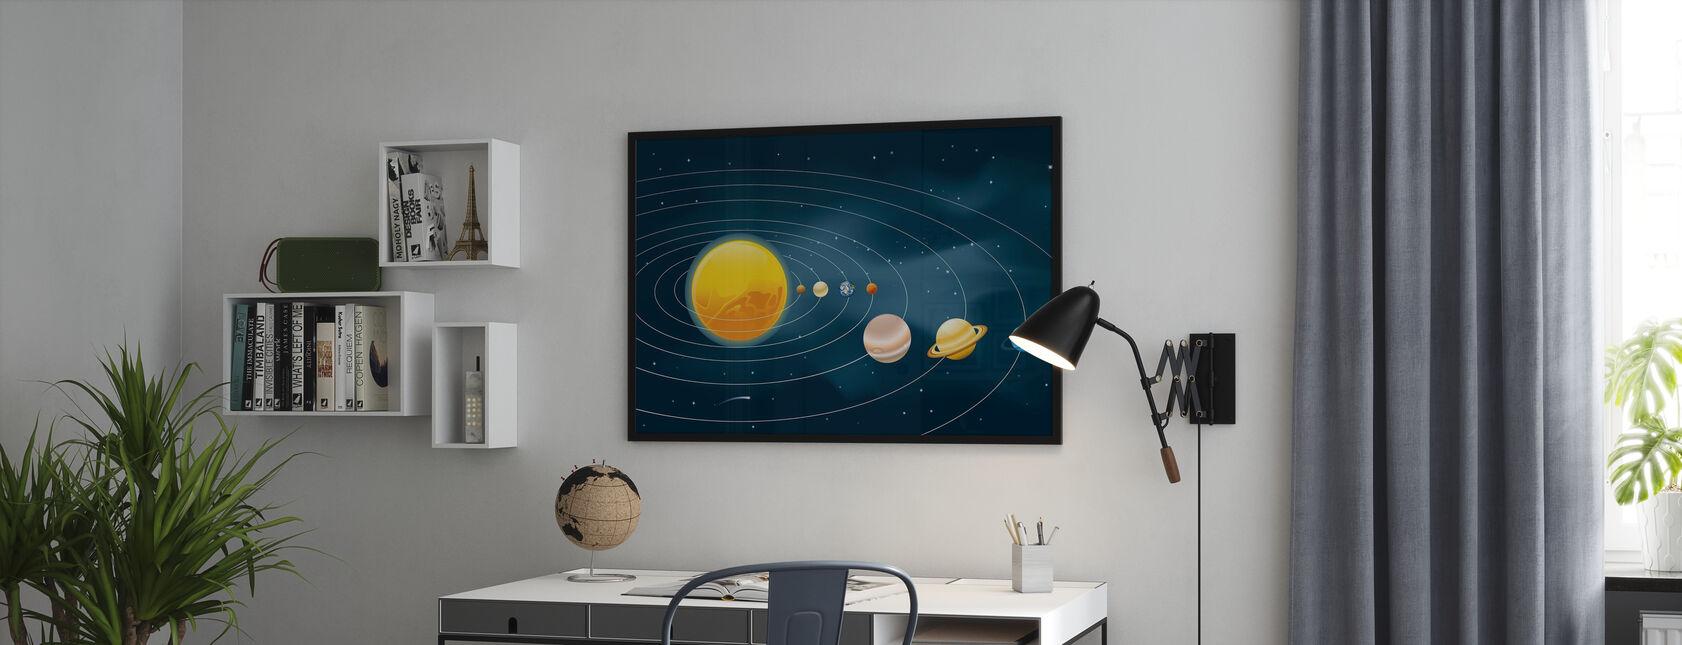 Jordar solsystem - Poster - Kontor